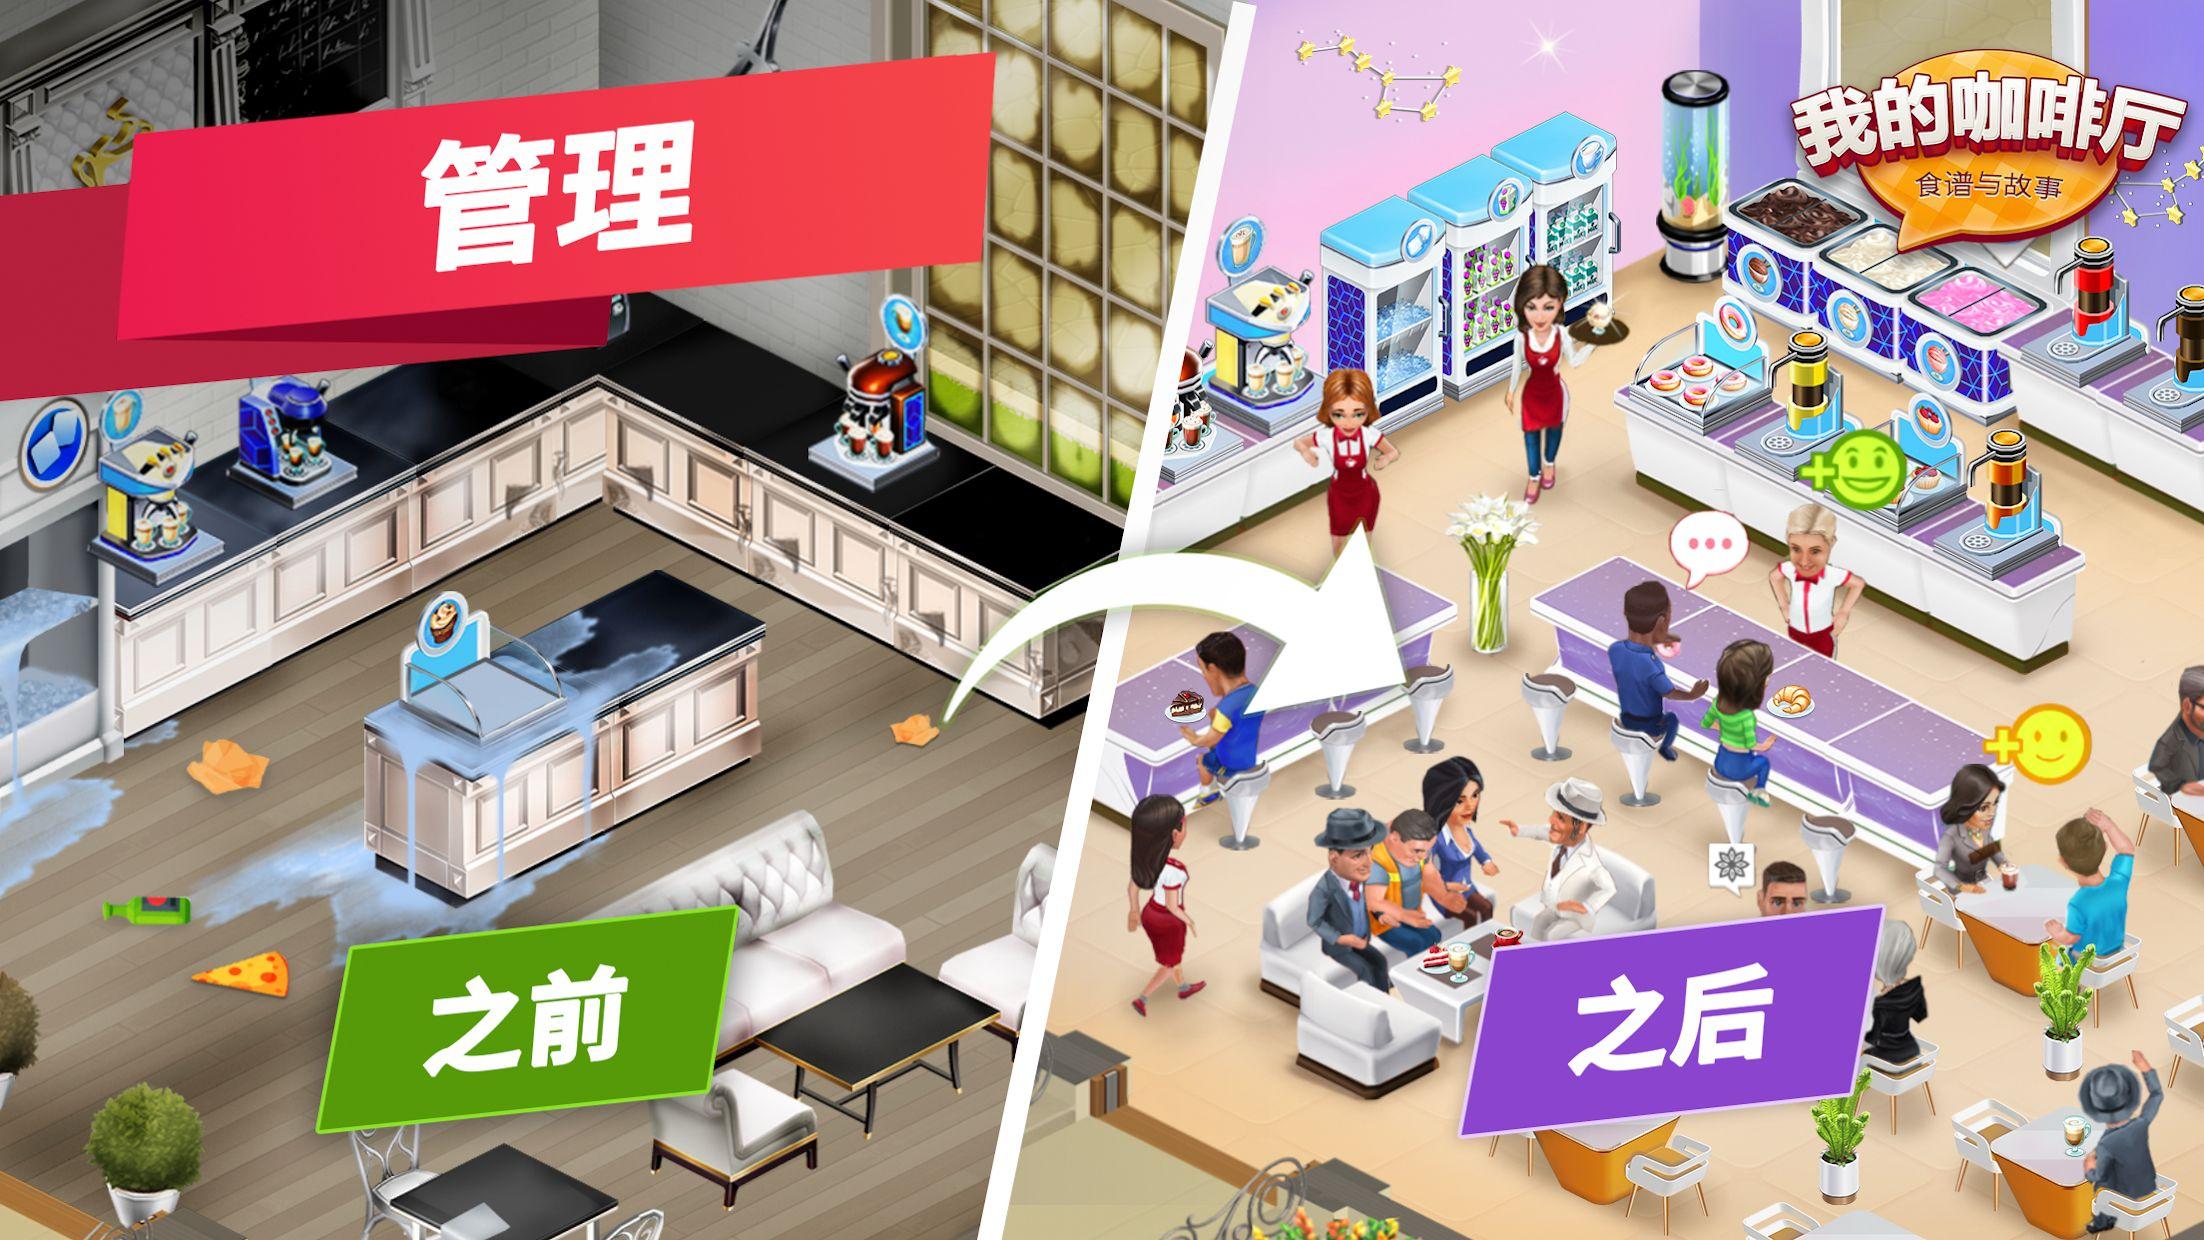 我的咖啡厅 - 世界餐厅游戏 游戏截图1